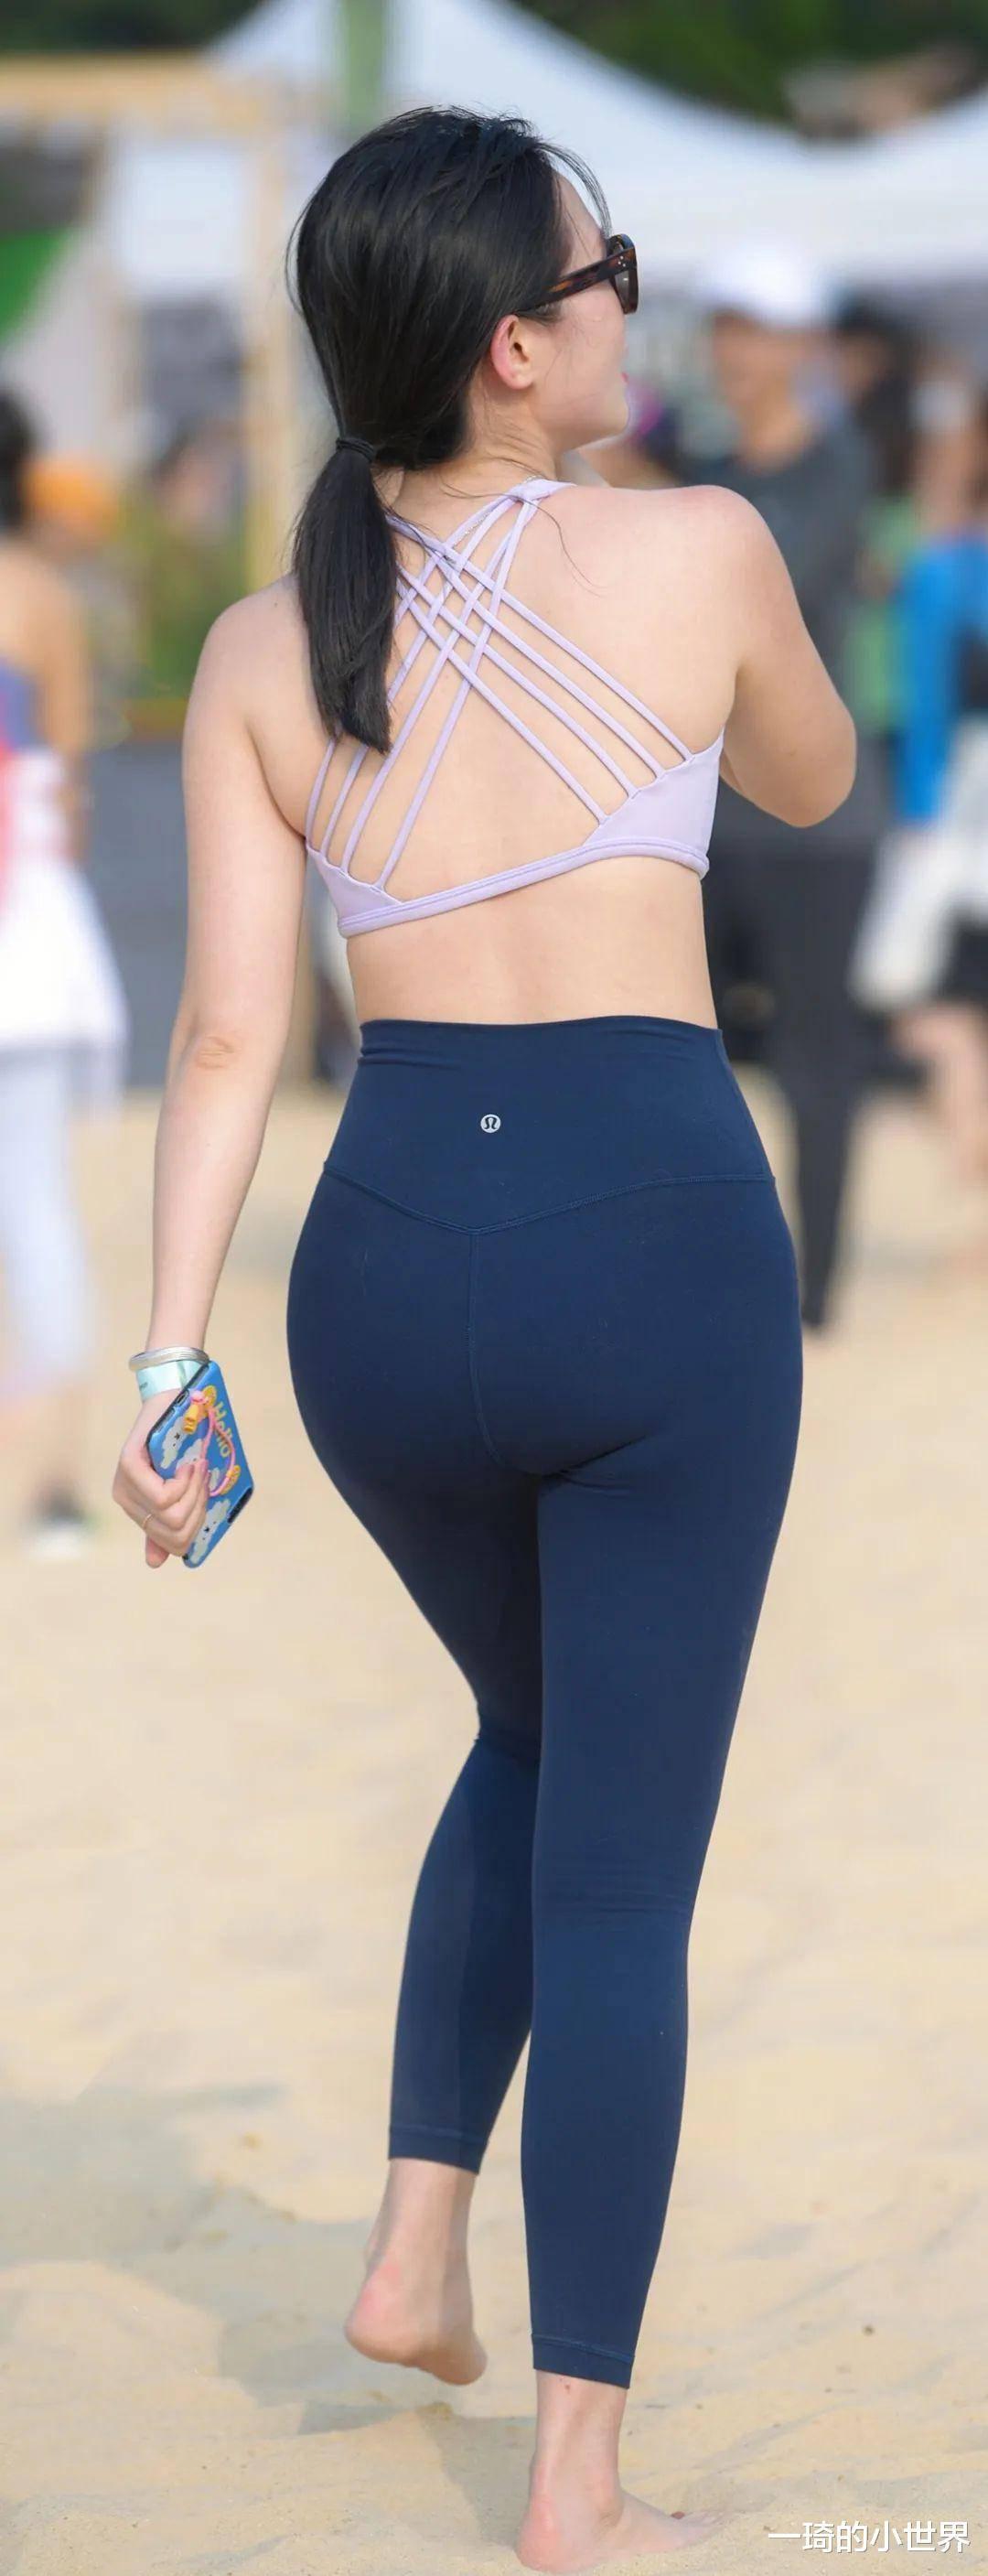 緊身瑜伽褲果然百搭,在沙灘上也是照樣迷人